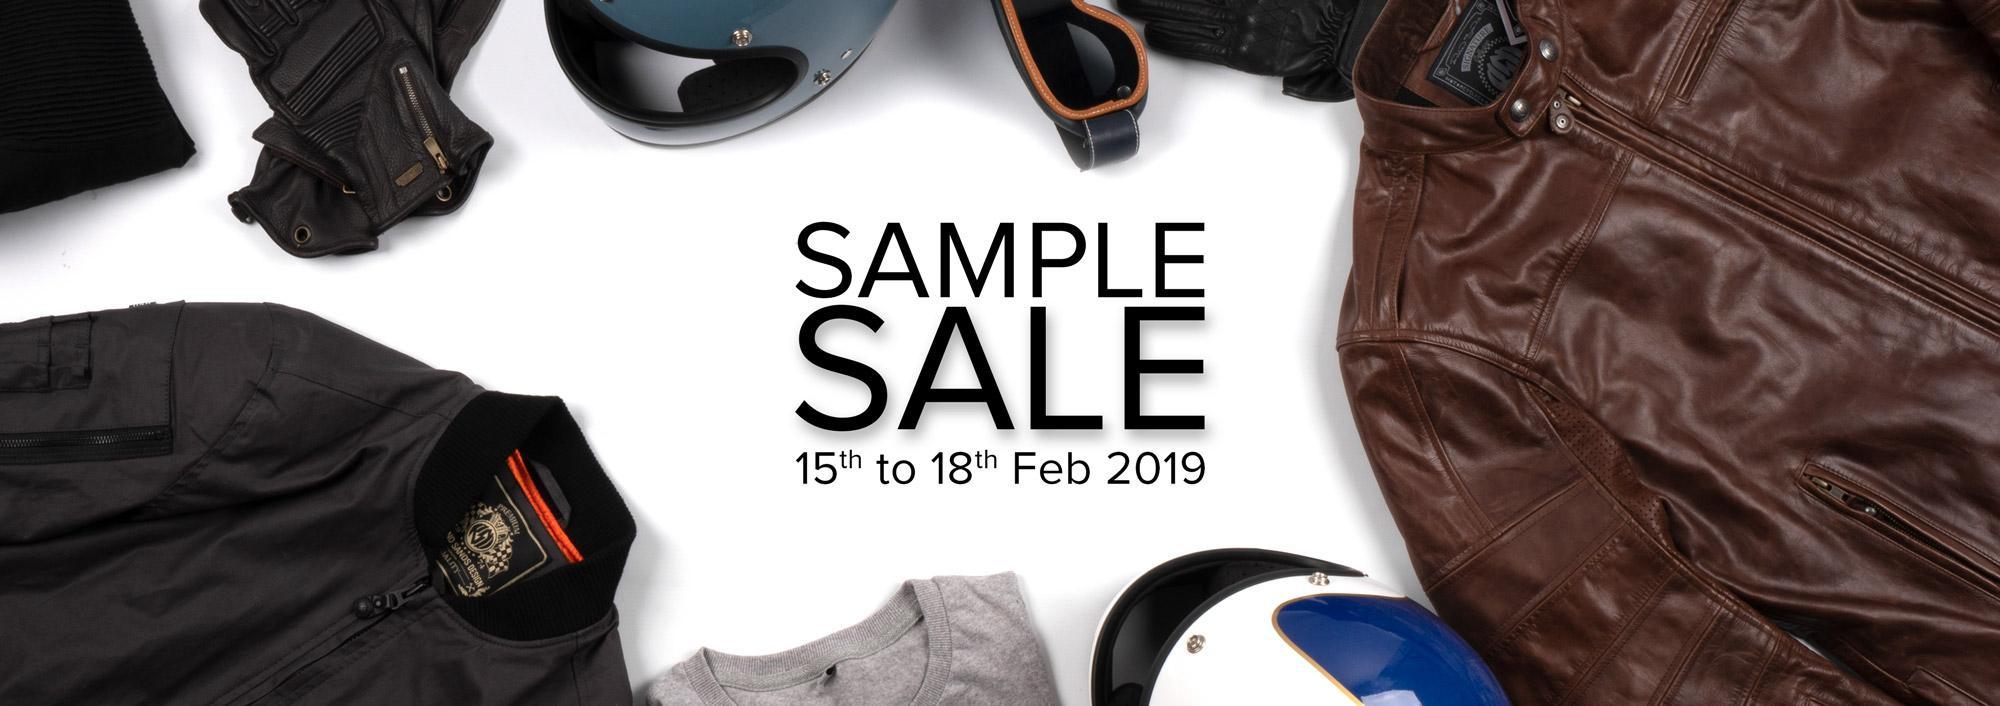 sample sale: